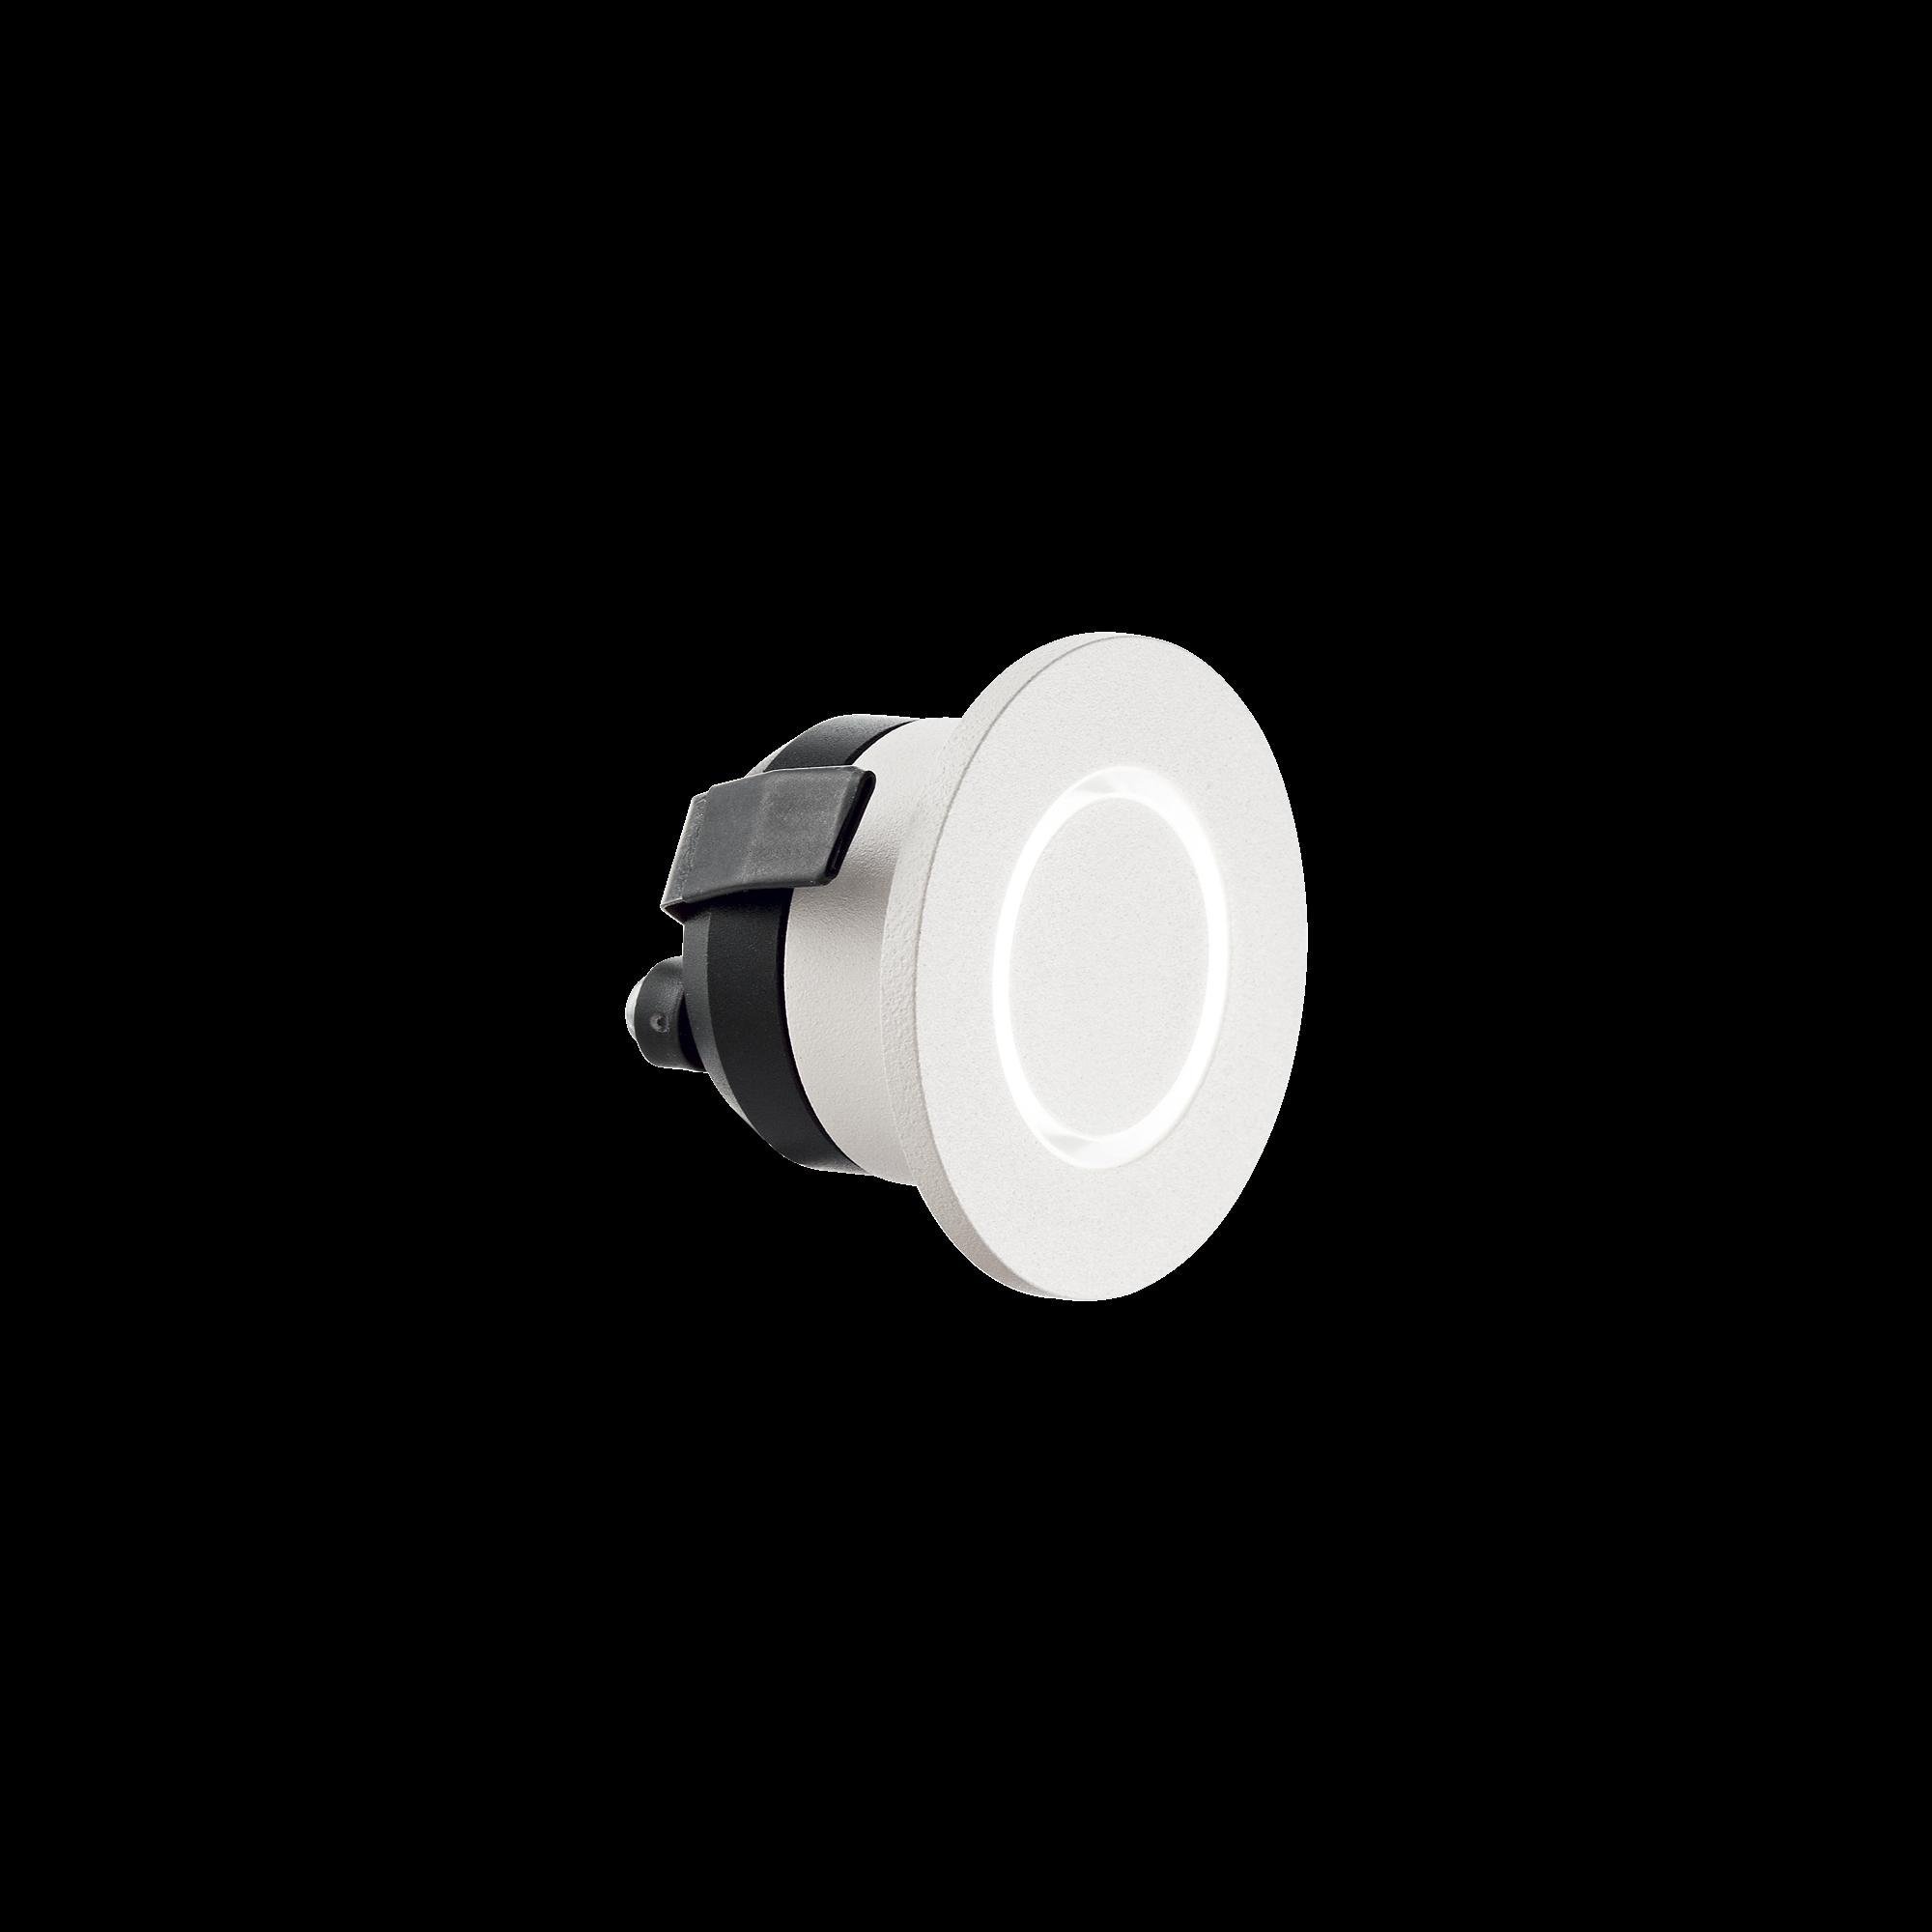 IdealLux 239705 O-LINE ROUND venkovní zápustné svítidlo 3W 60lm 3000K IP20 bílá